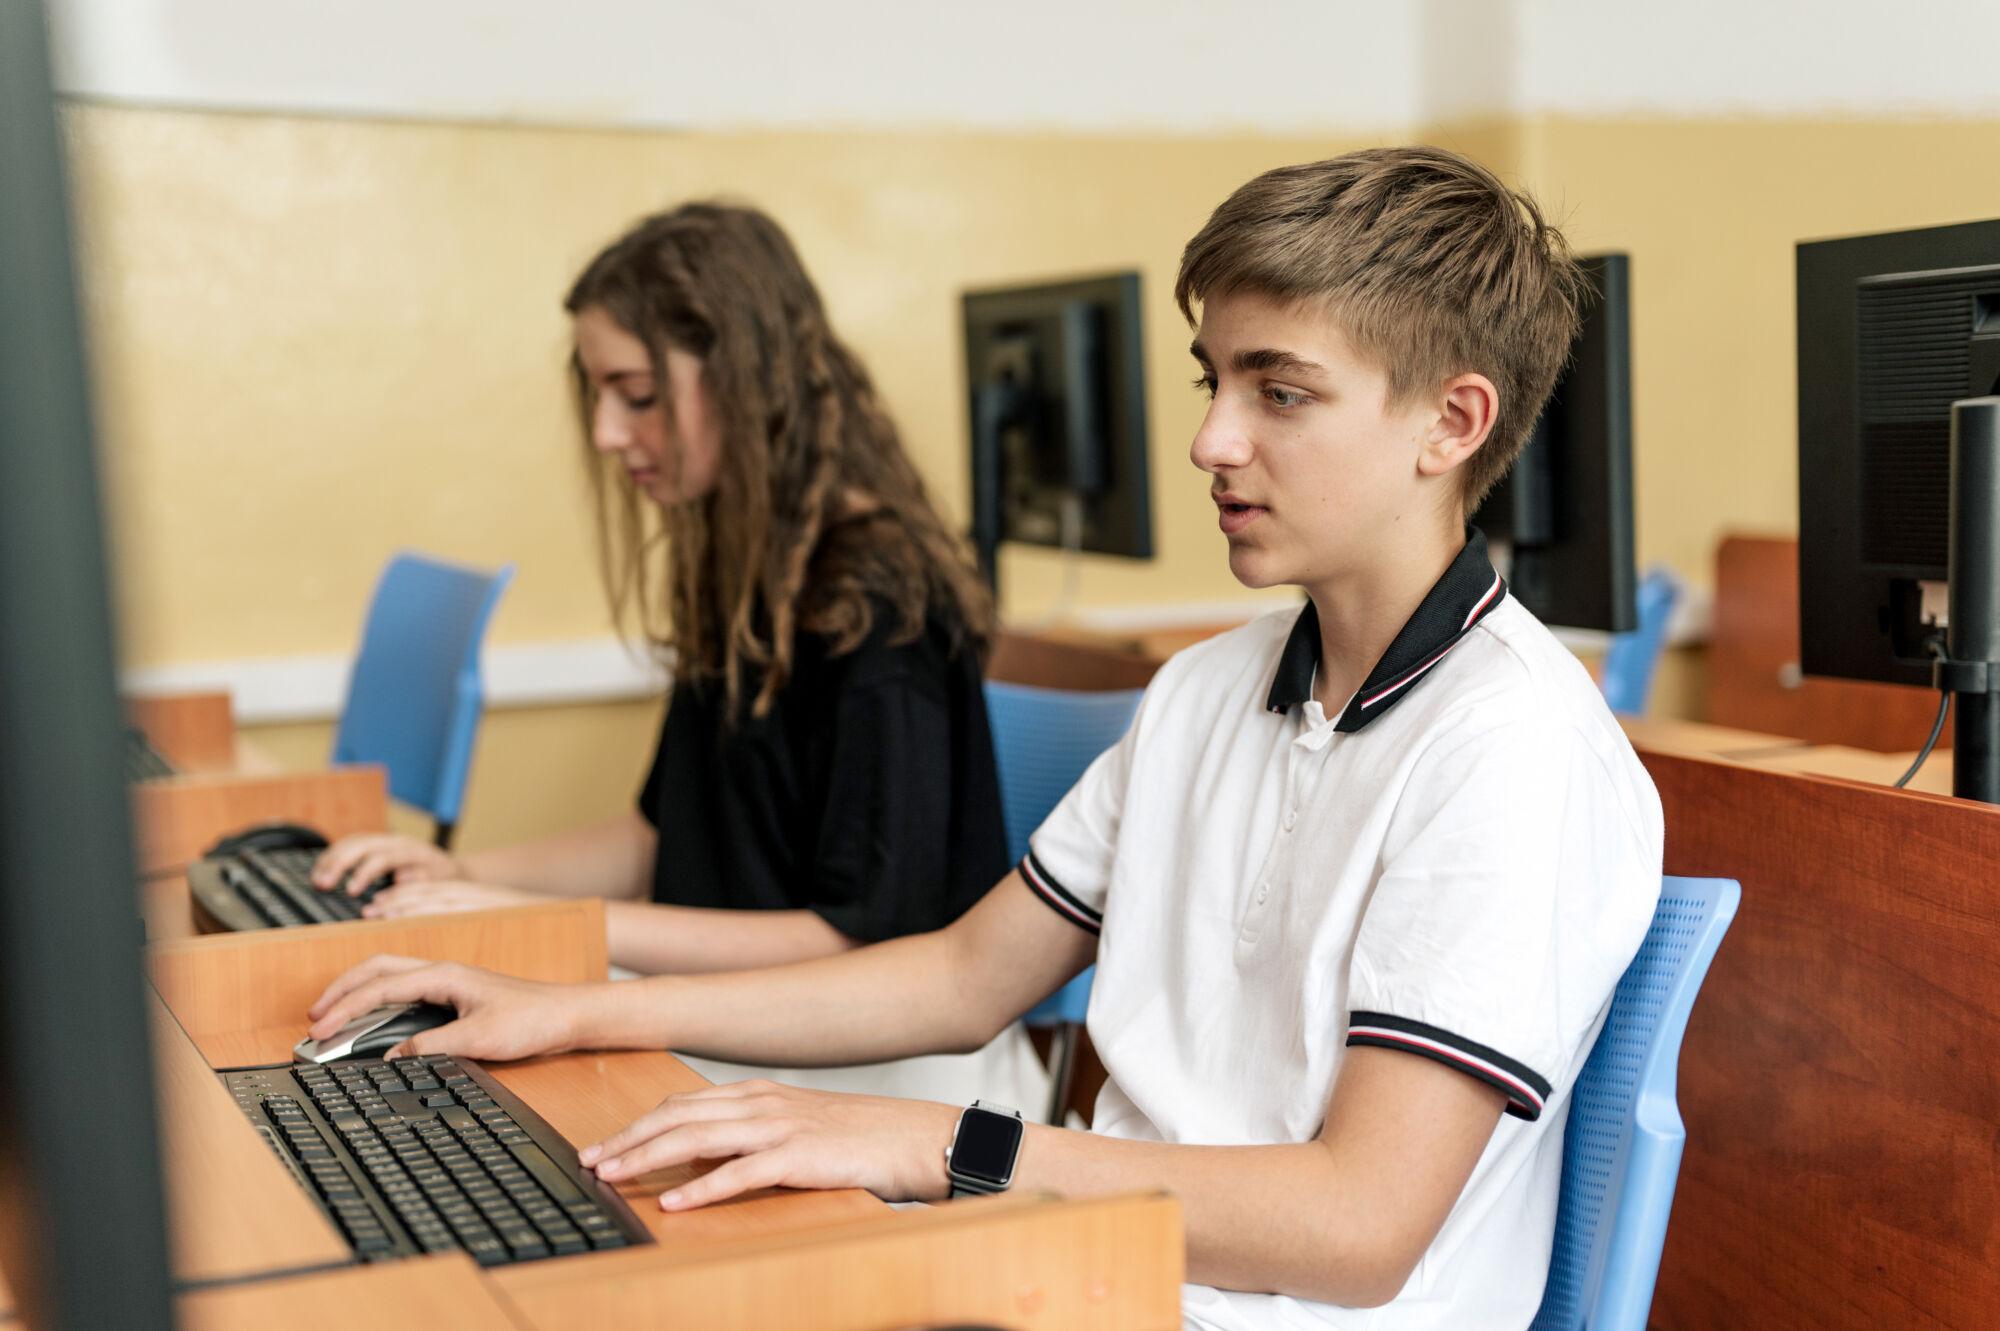 studenti Trojského gymnázia při hodin IVT, počítačová učebna, vybavení školy